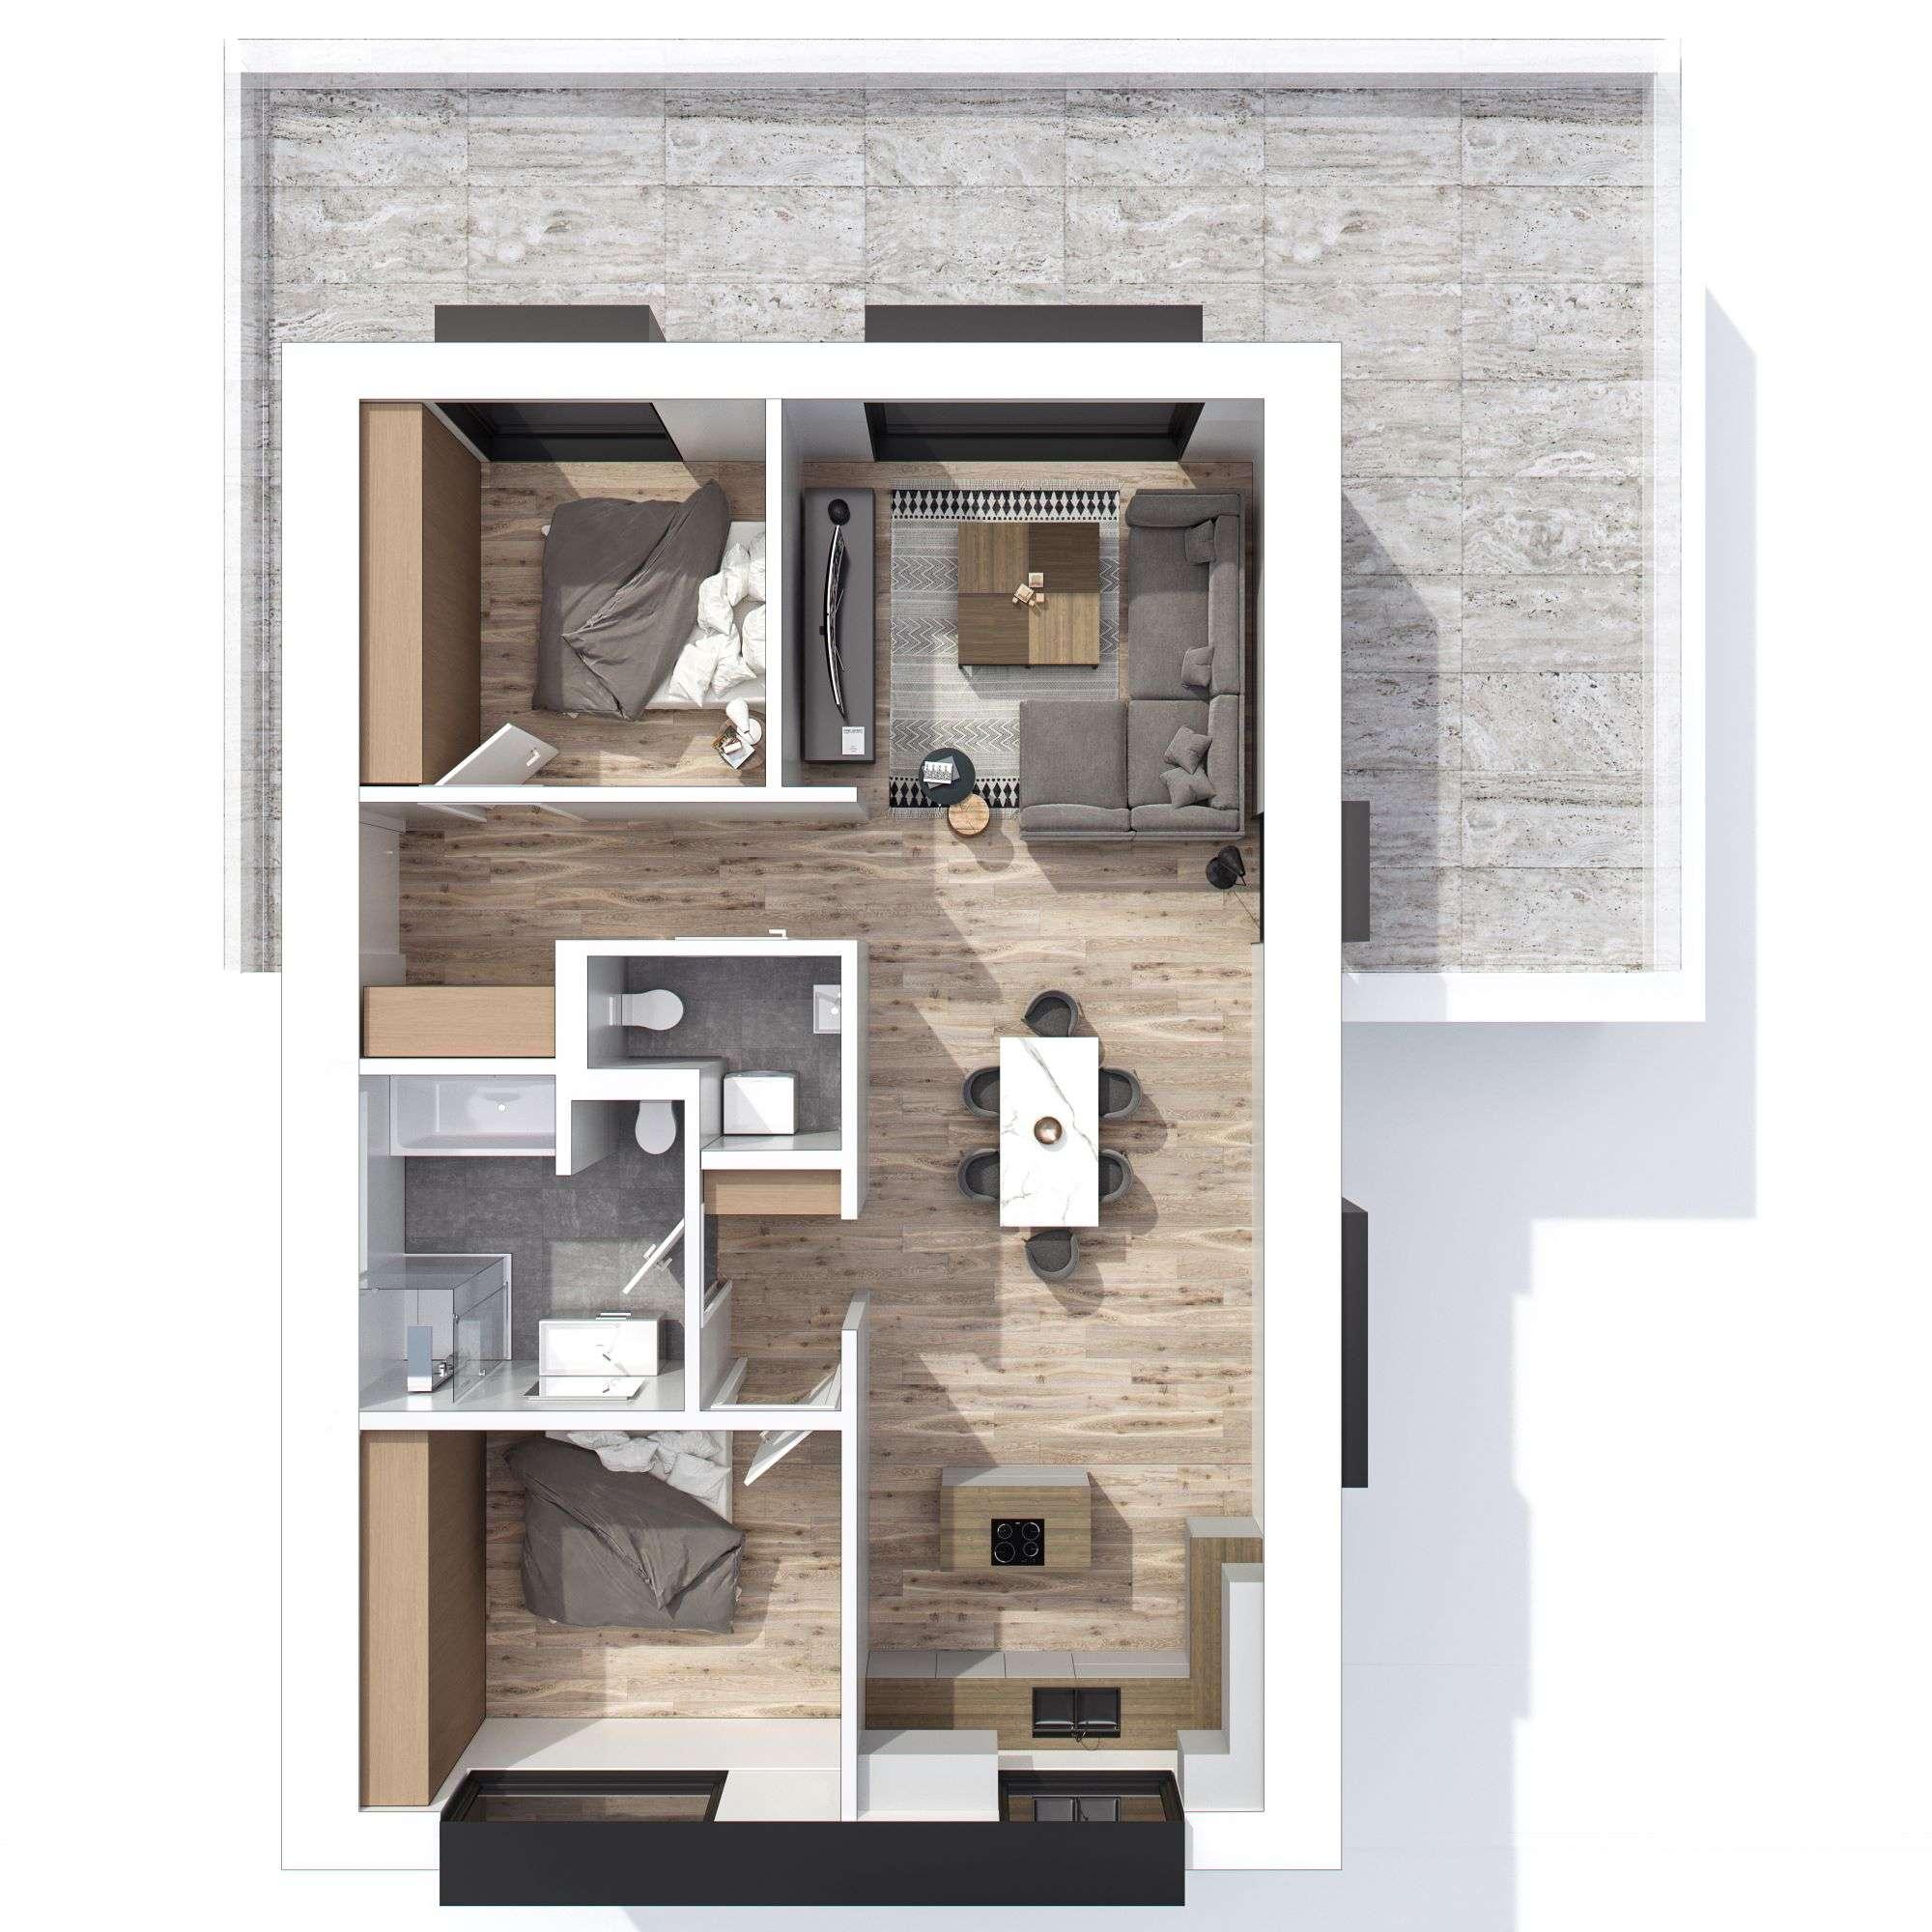 Erstbezug! stilvolle 3-Zimmer-Wohnung mit Penthousecharakter und großer Dachterrasse in Geiselhöring in Geiselhöring